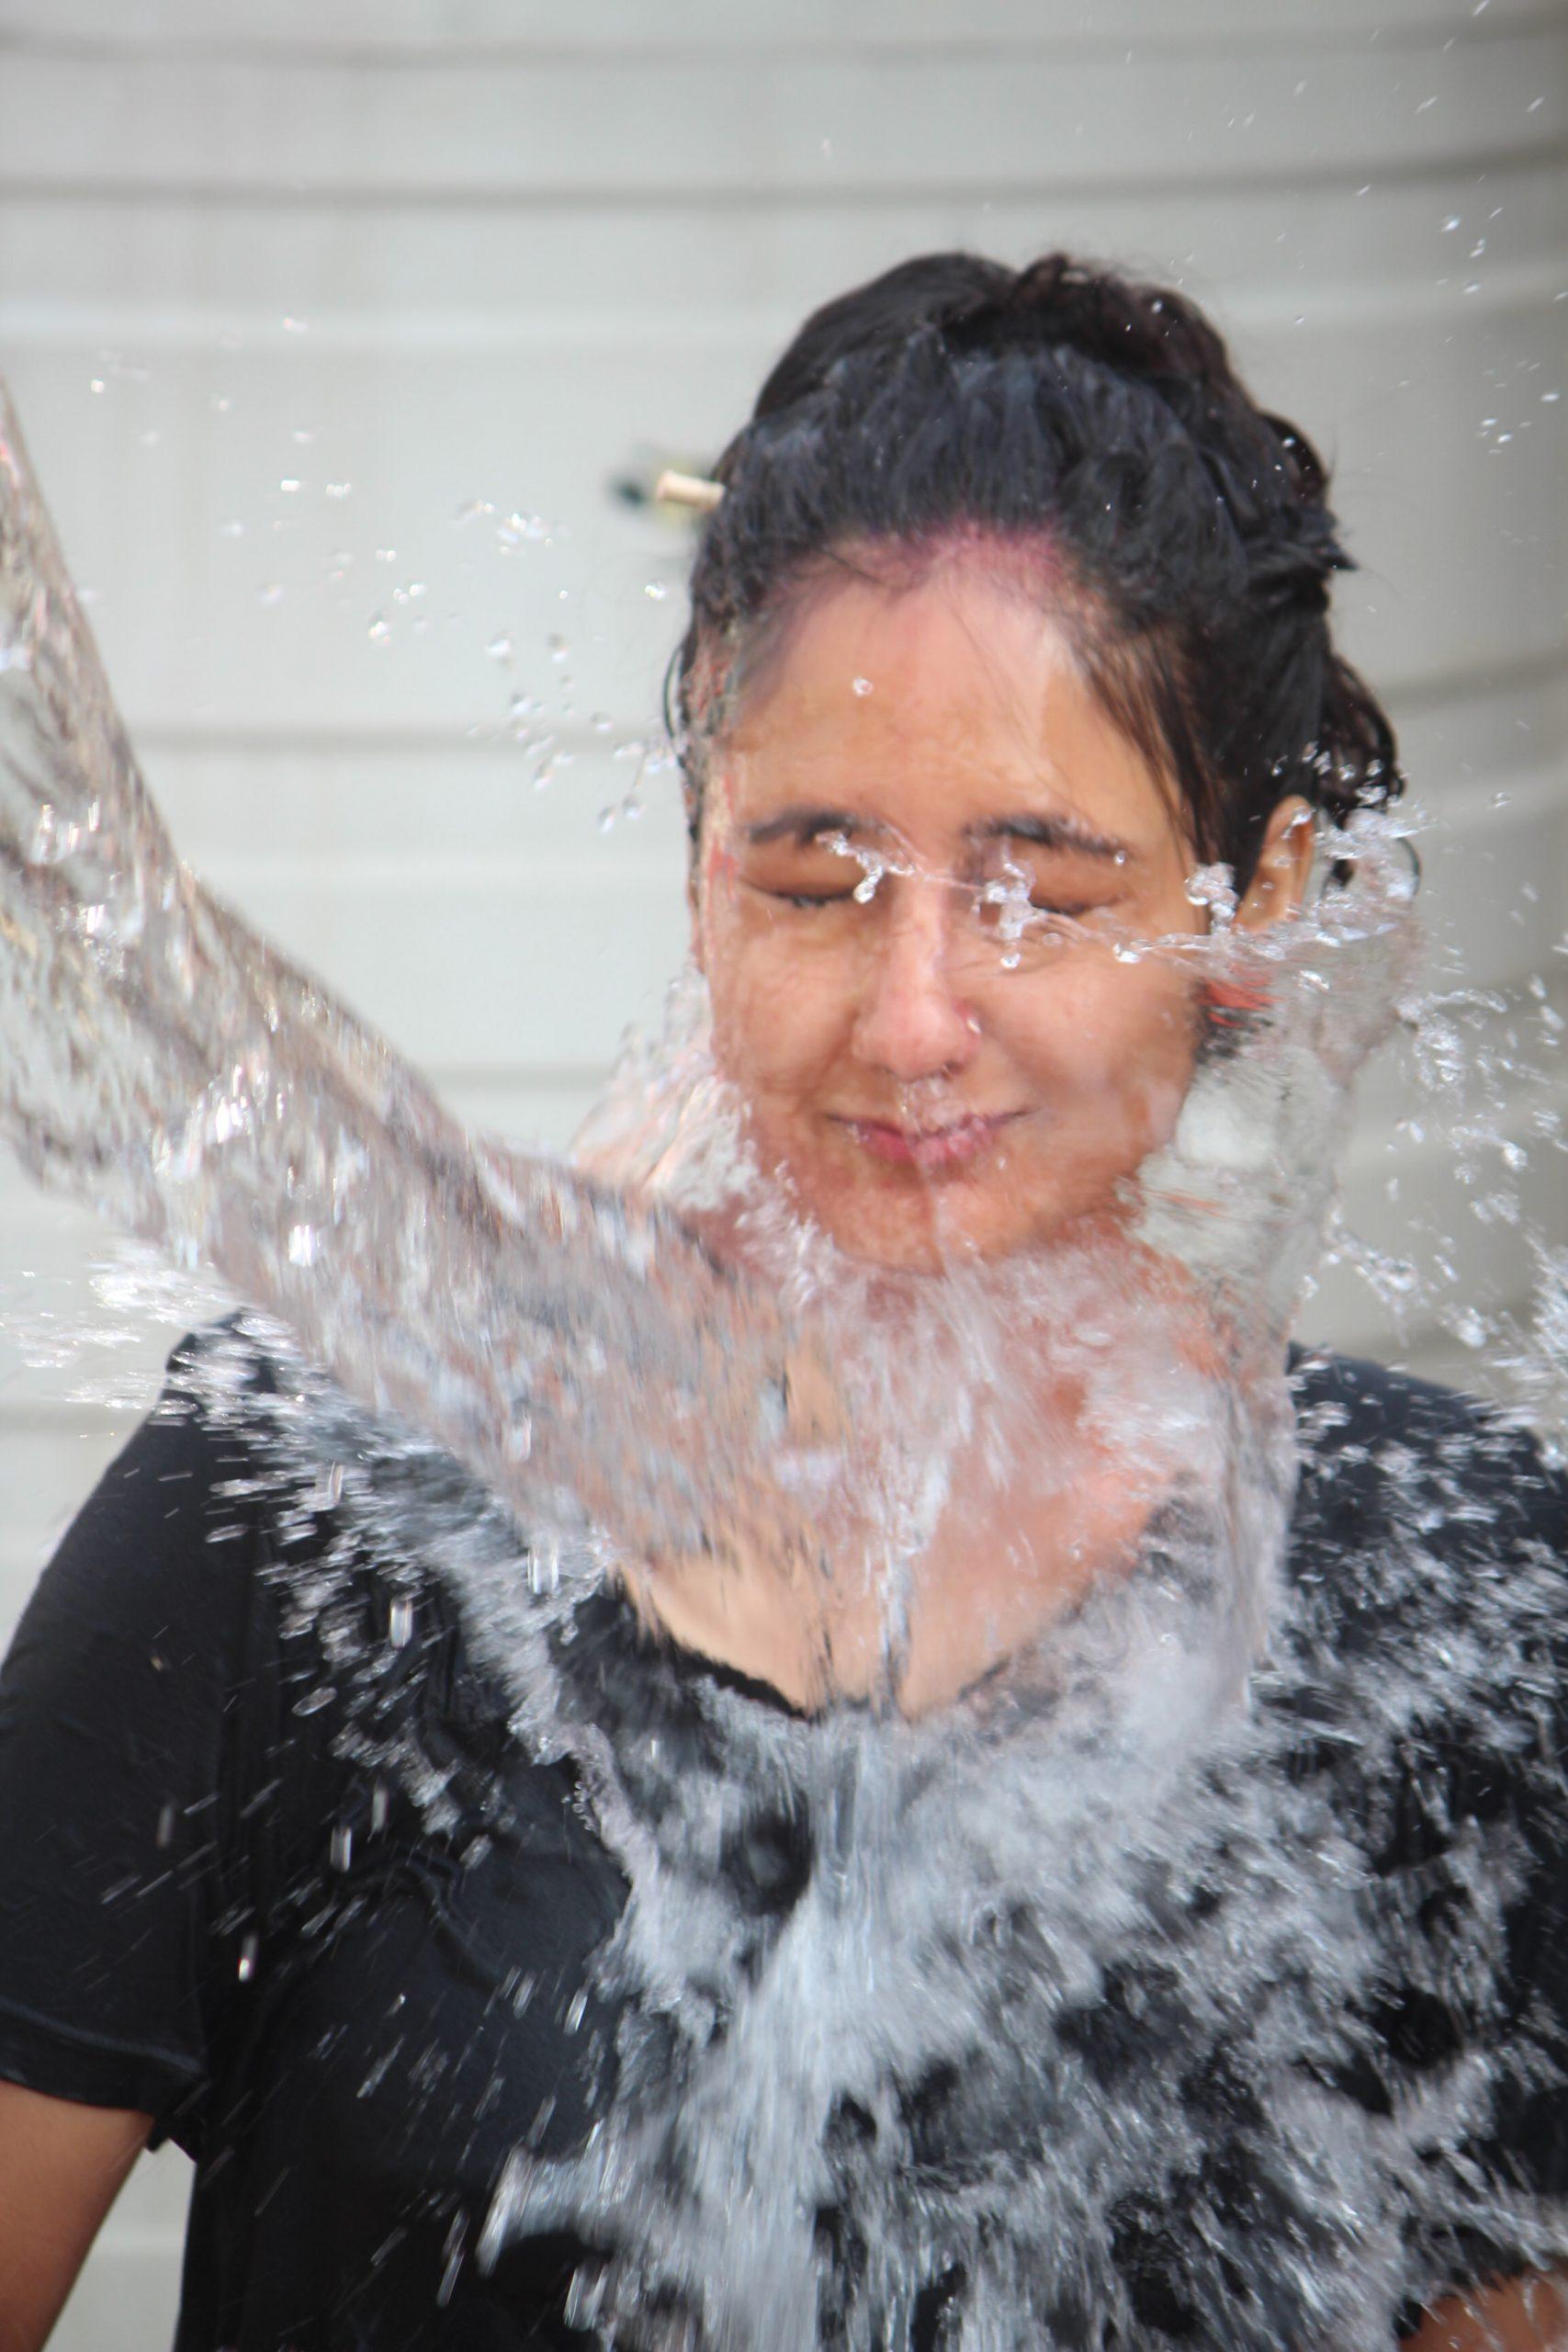 Splashing water on girls face